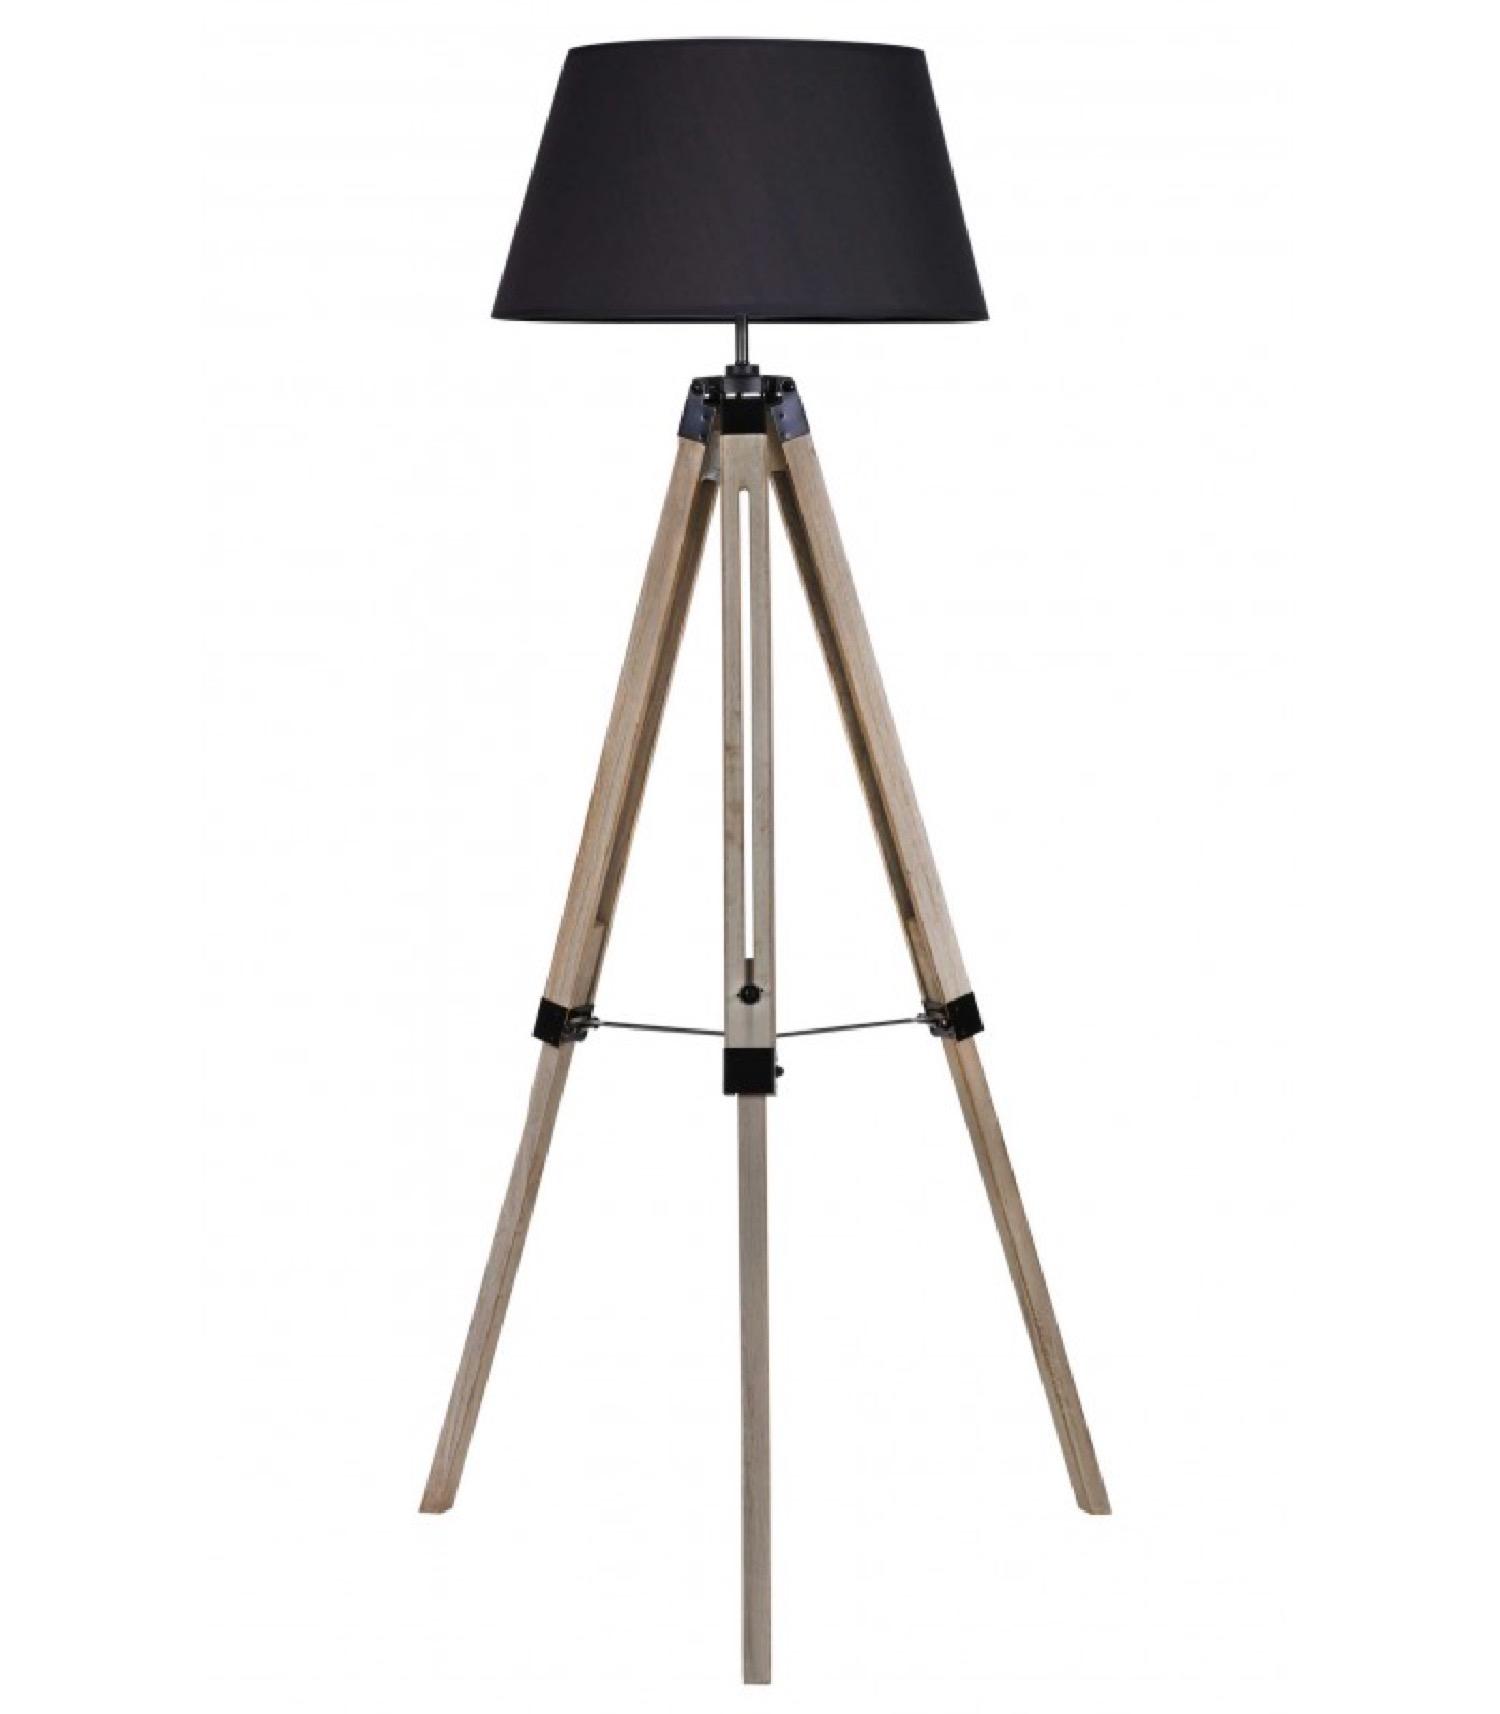 Lampadaire trépied bois abat-jour noir H144cm